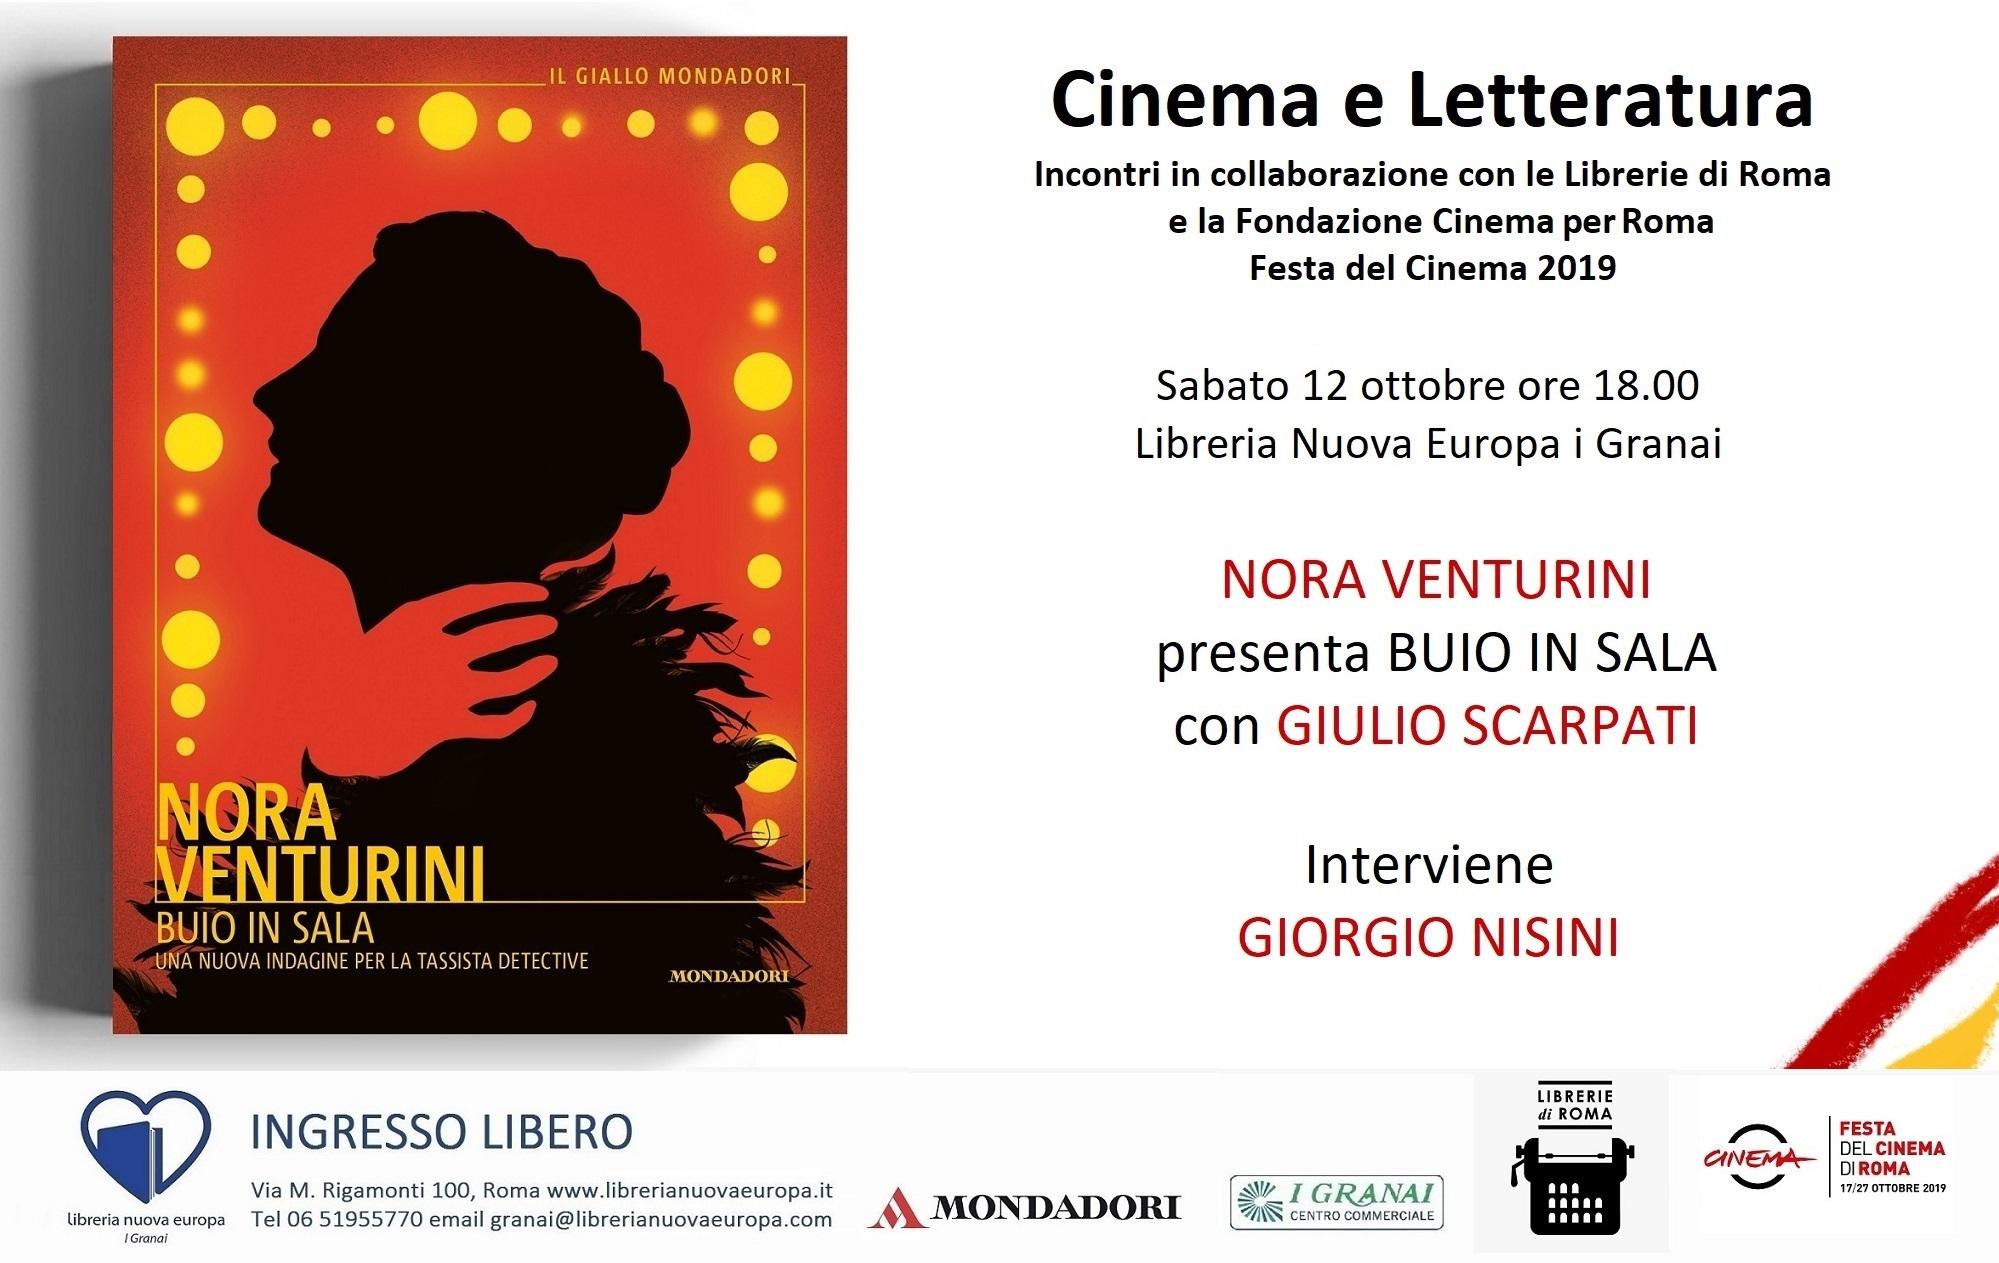 La Festa del Cinema inizia in Libreria con Nora Venturini, Giulio Scarpati e Giorgio Nisini